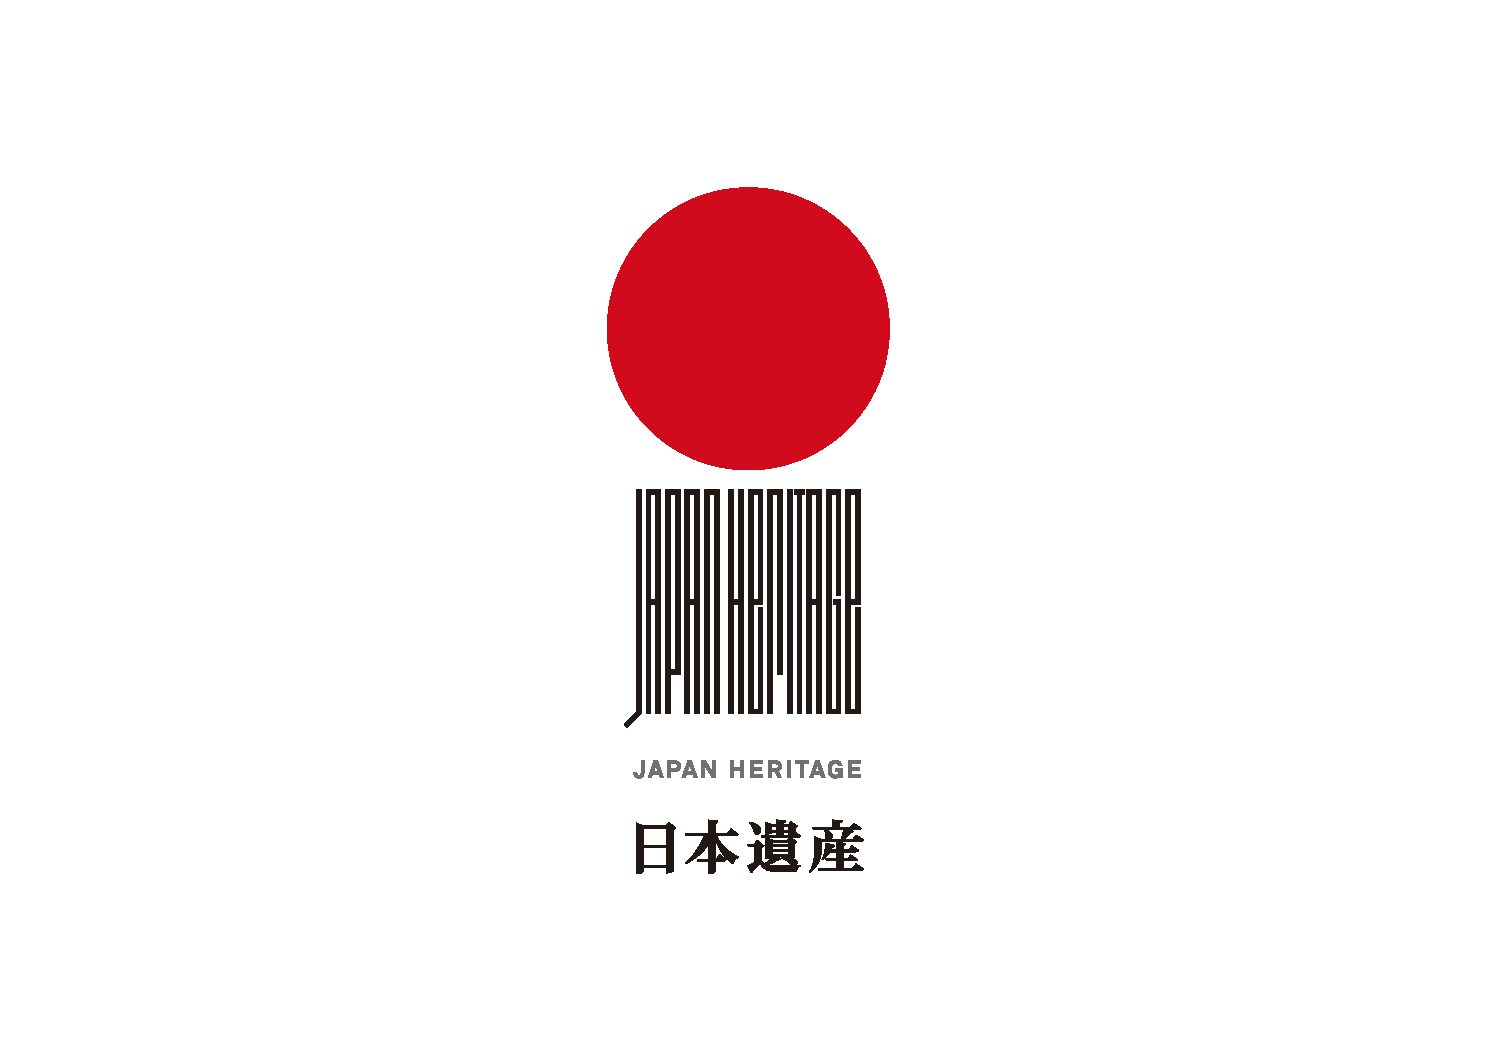 祝 日本遺産3自治体追加認定